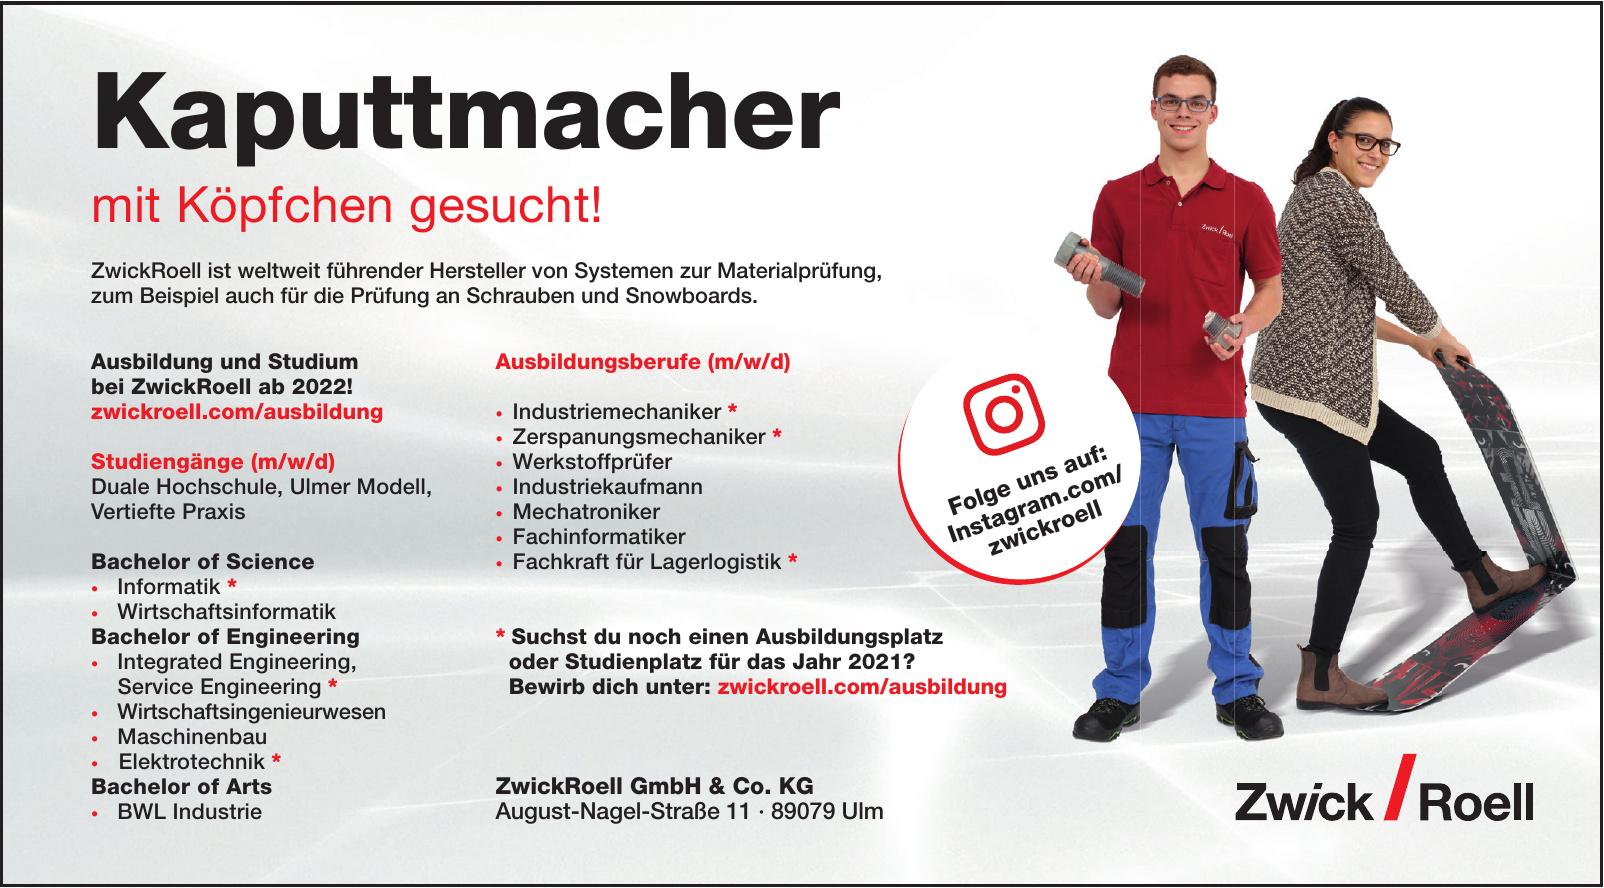 ZwickRoell GmbH & Co. KG